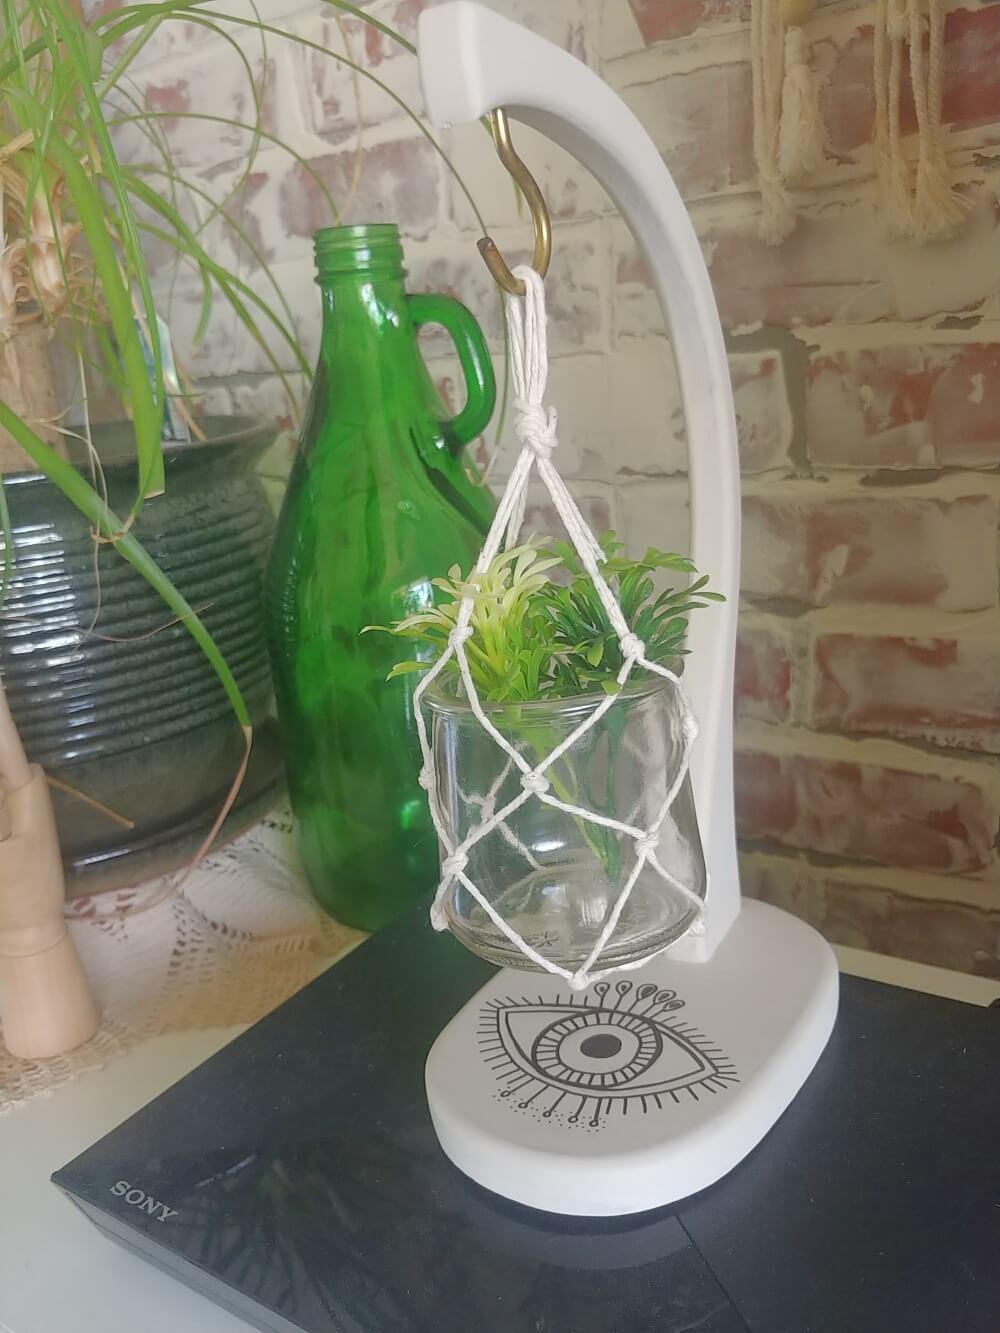 Upcycled Banana Hanger and Oui Yogurt Jar